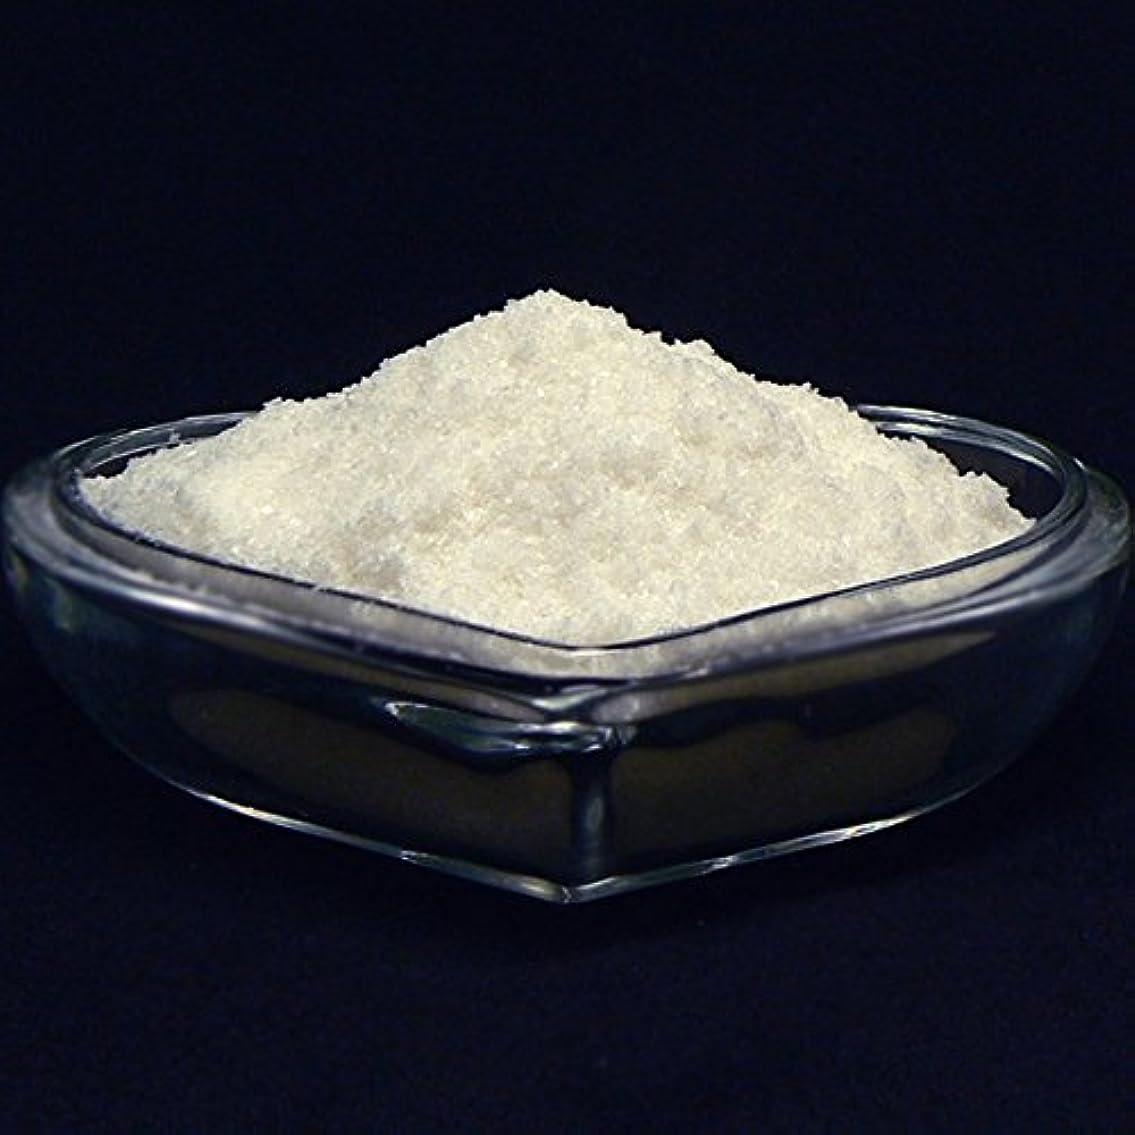 節約する偶然の応じるヒマラヤ岩塩 クリスタルソルト 入浴用 バスソルト(パウダー)白岩塩 (1kg+250g増量)